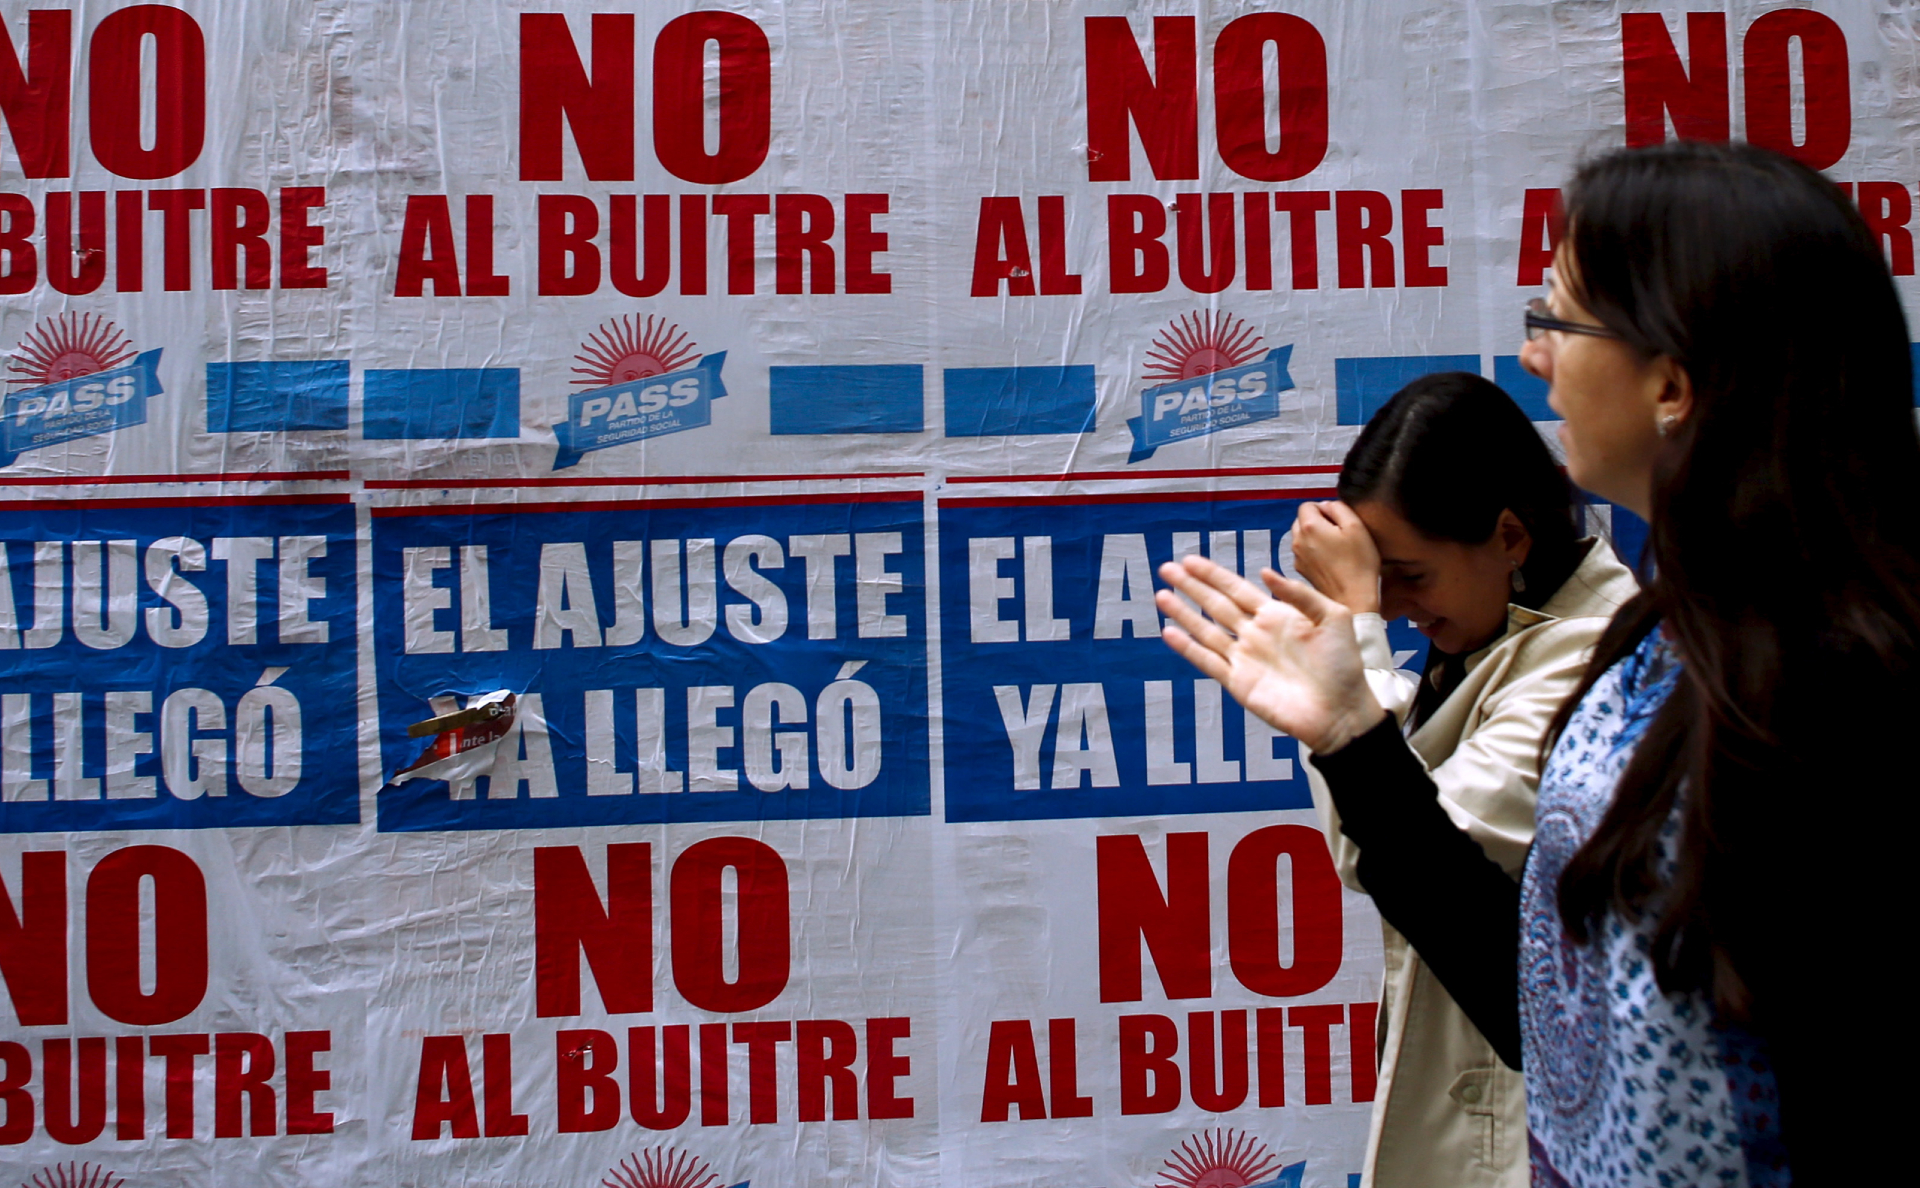 Аргентина оказалась в состоянии дефолта по внешнему долгу